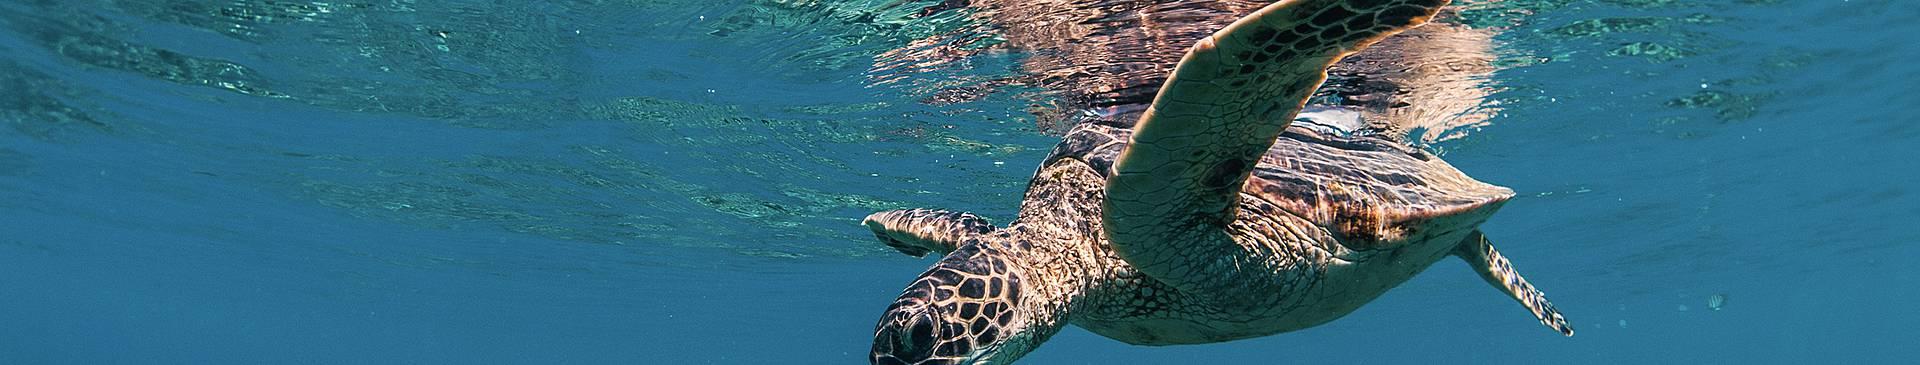 Plongée & Snorkeling à Hawaï